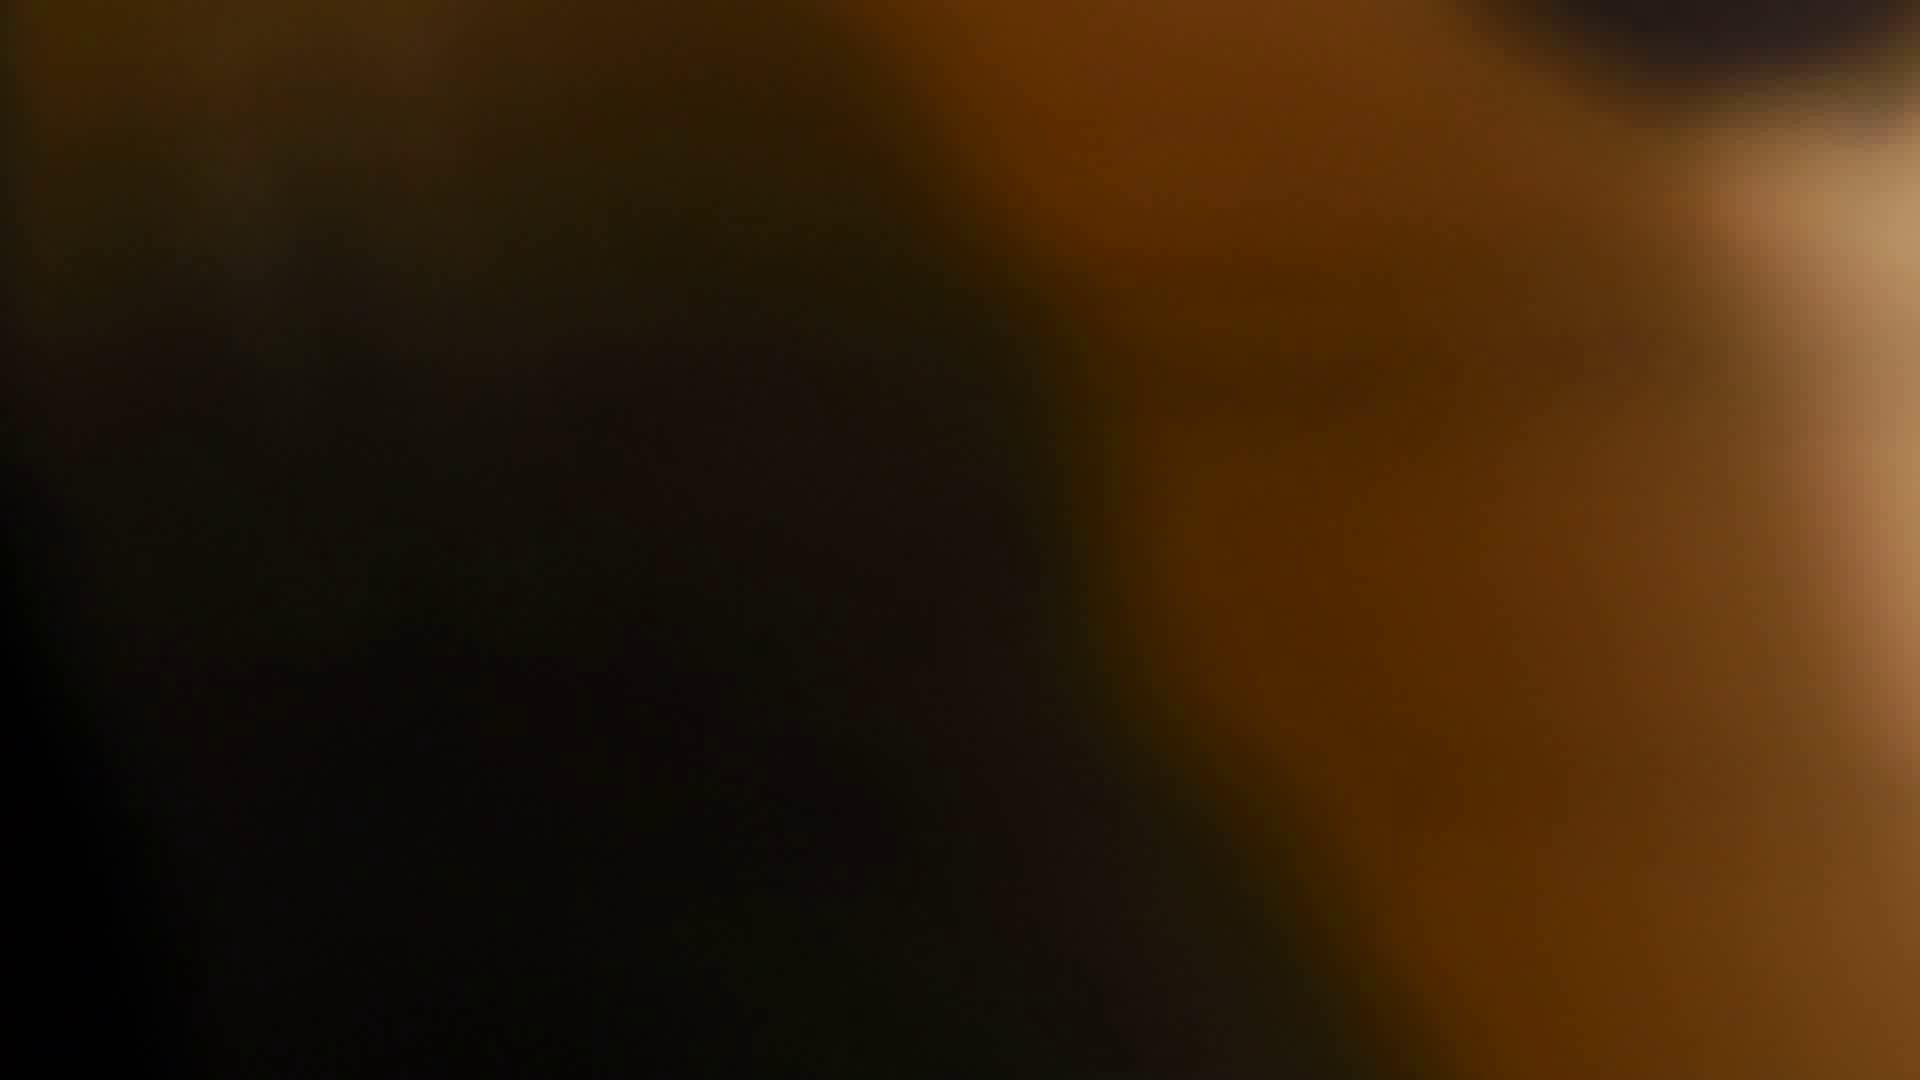 阿国ちゃんの「和式洋式七変化」No.18 iBO(フタコブ) 洗面所  112pic 42